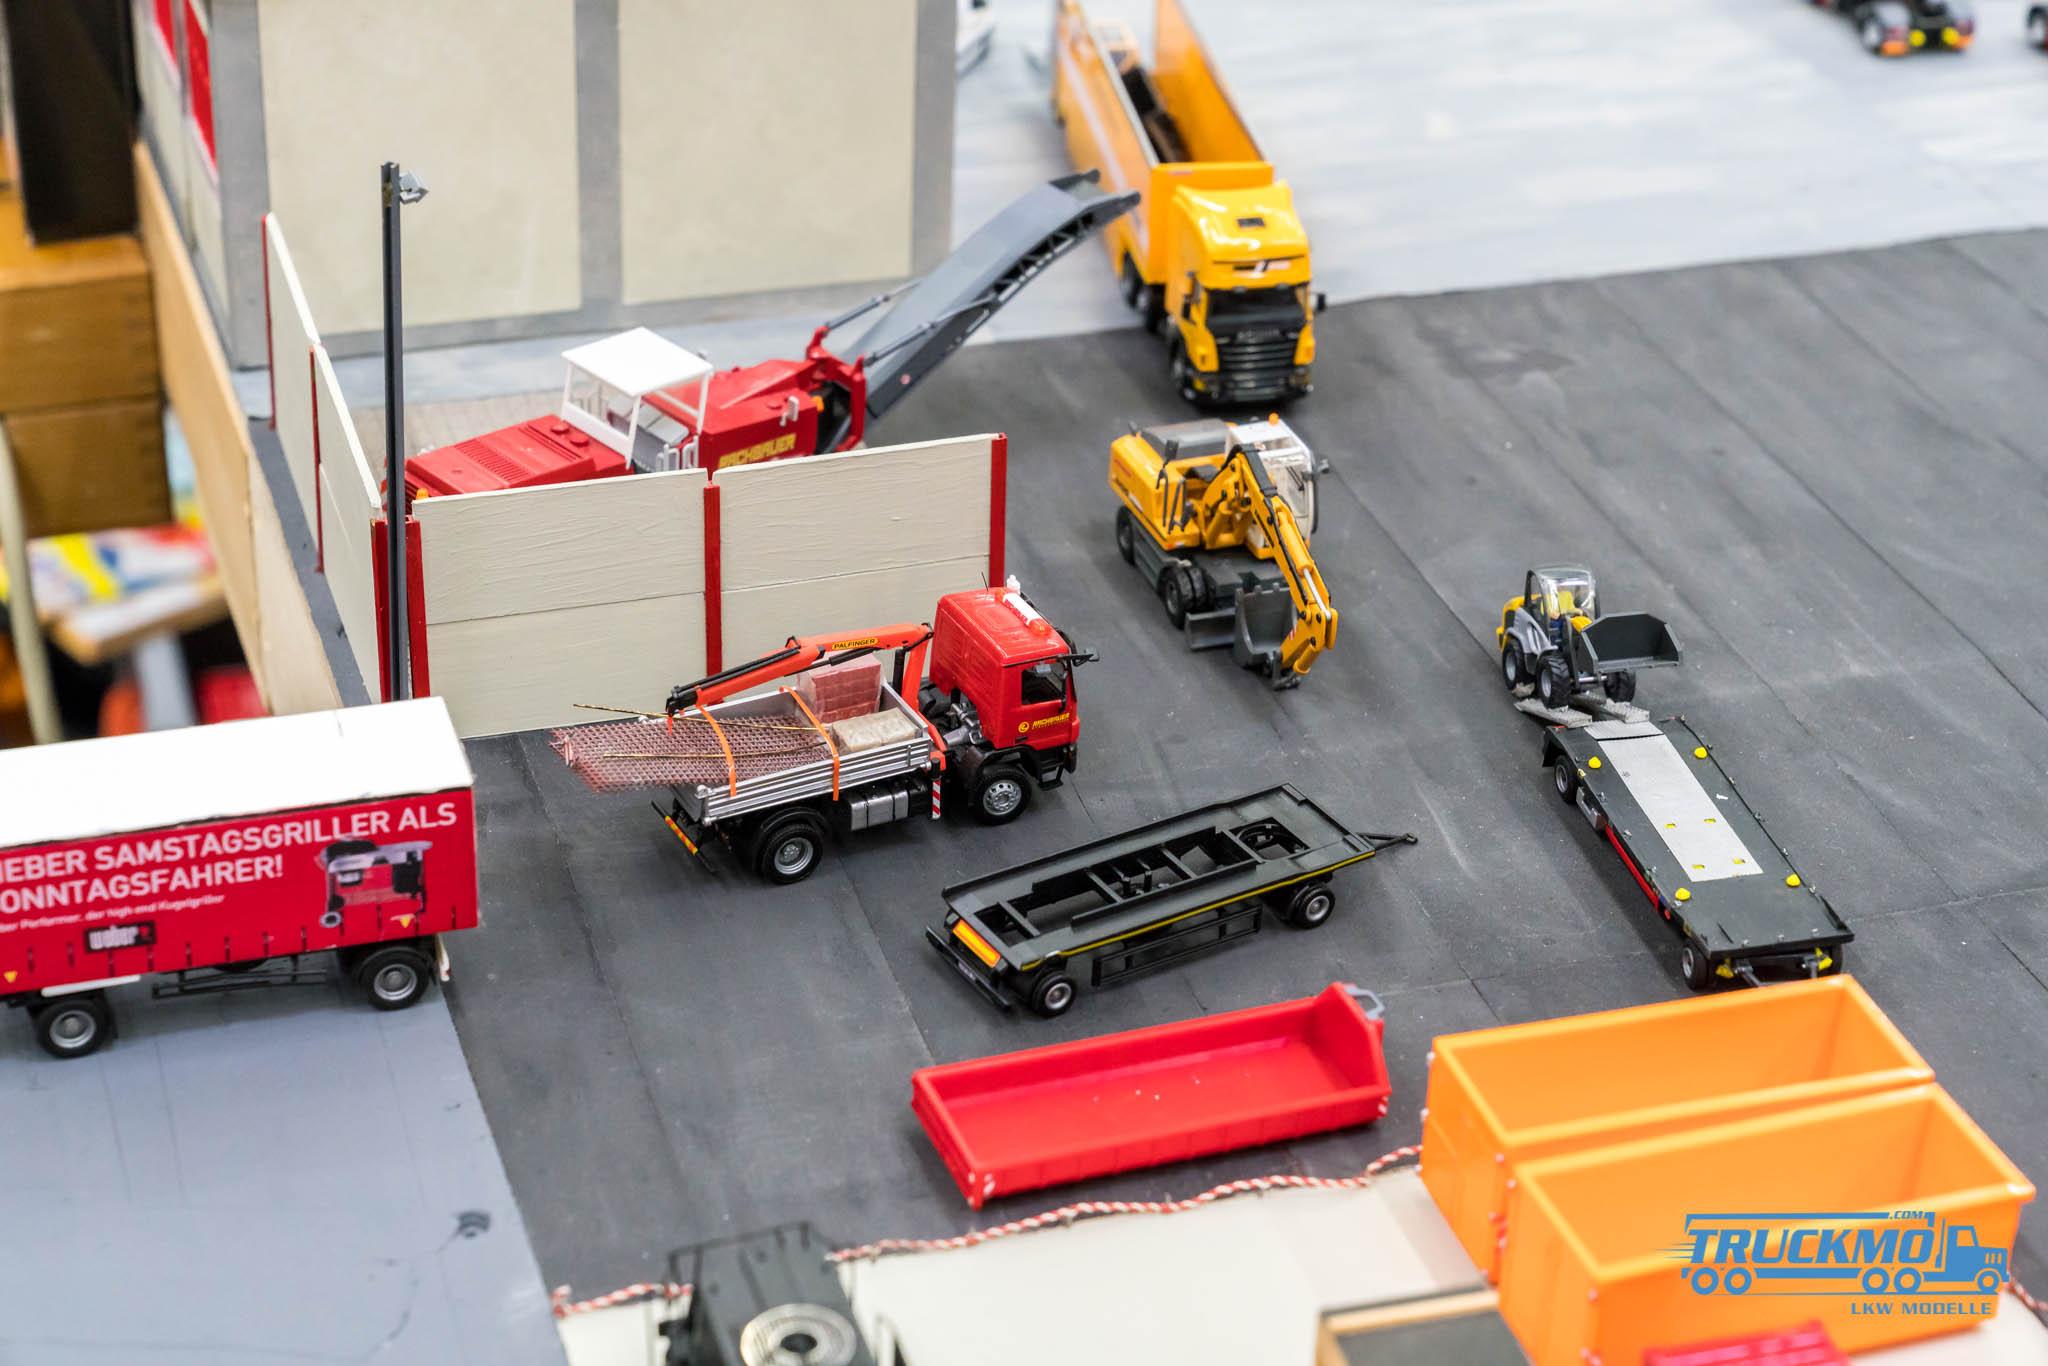 Truckmo_Modellbau_Ried_2017_Herpa_Messe_Modellbauausstellung (228 von 1177)